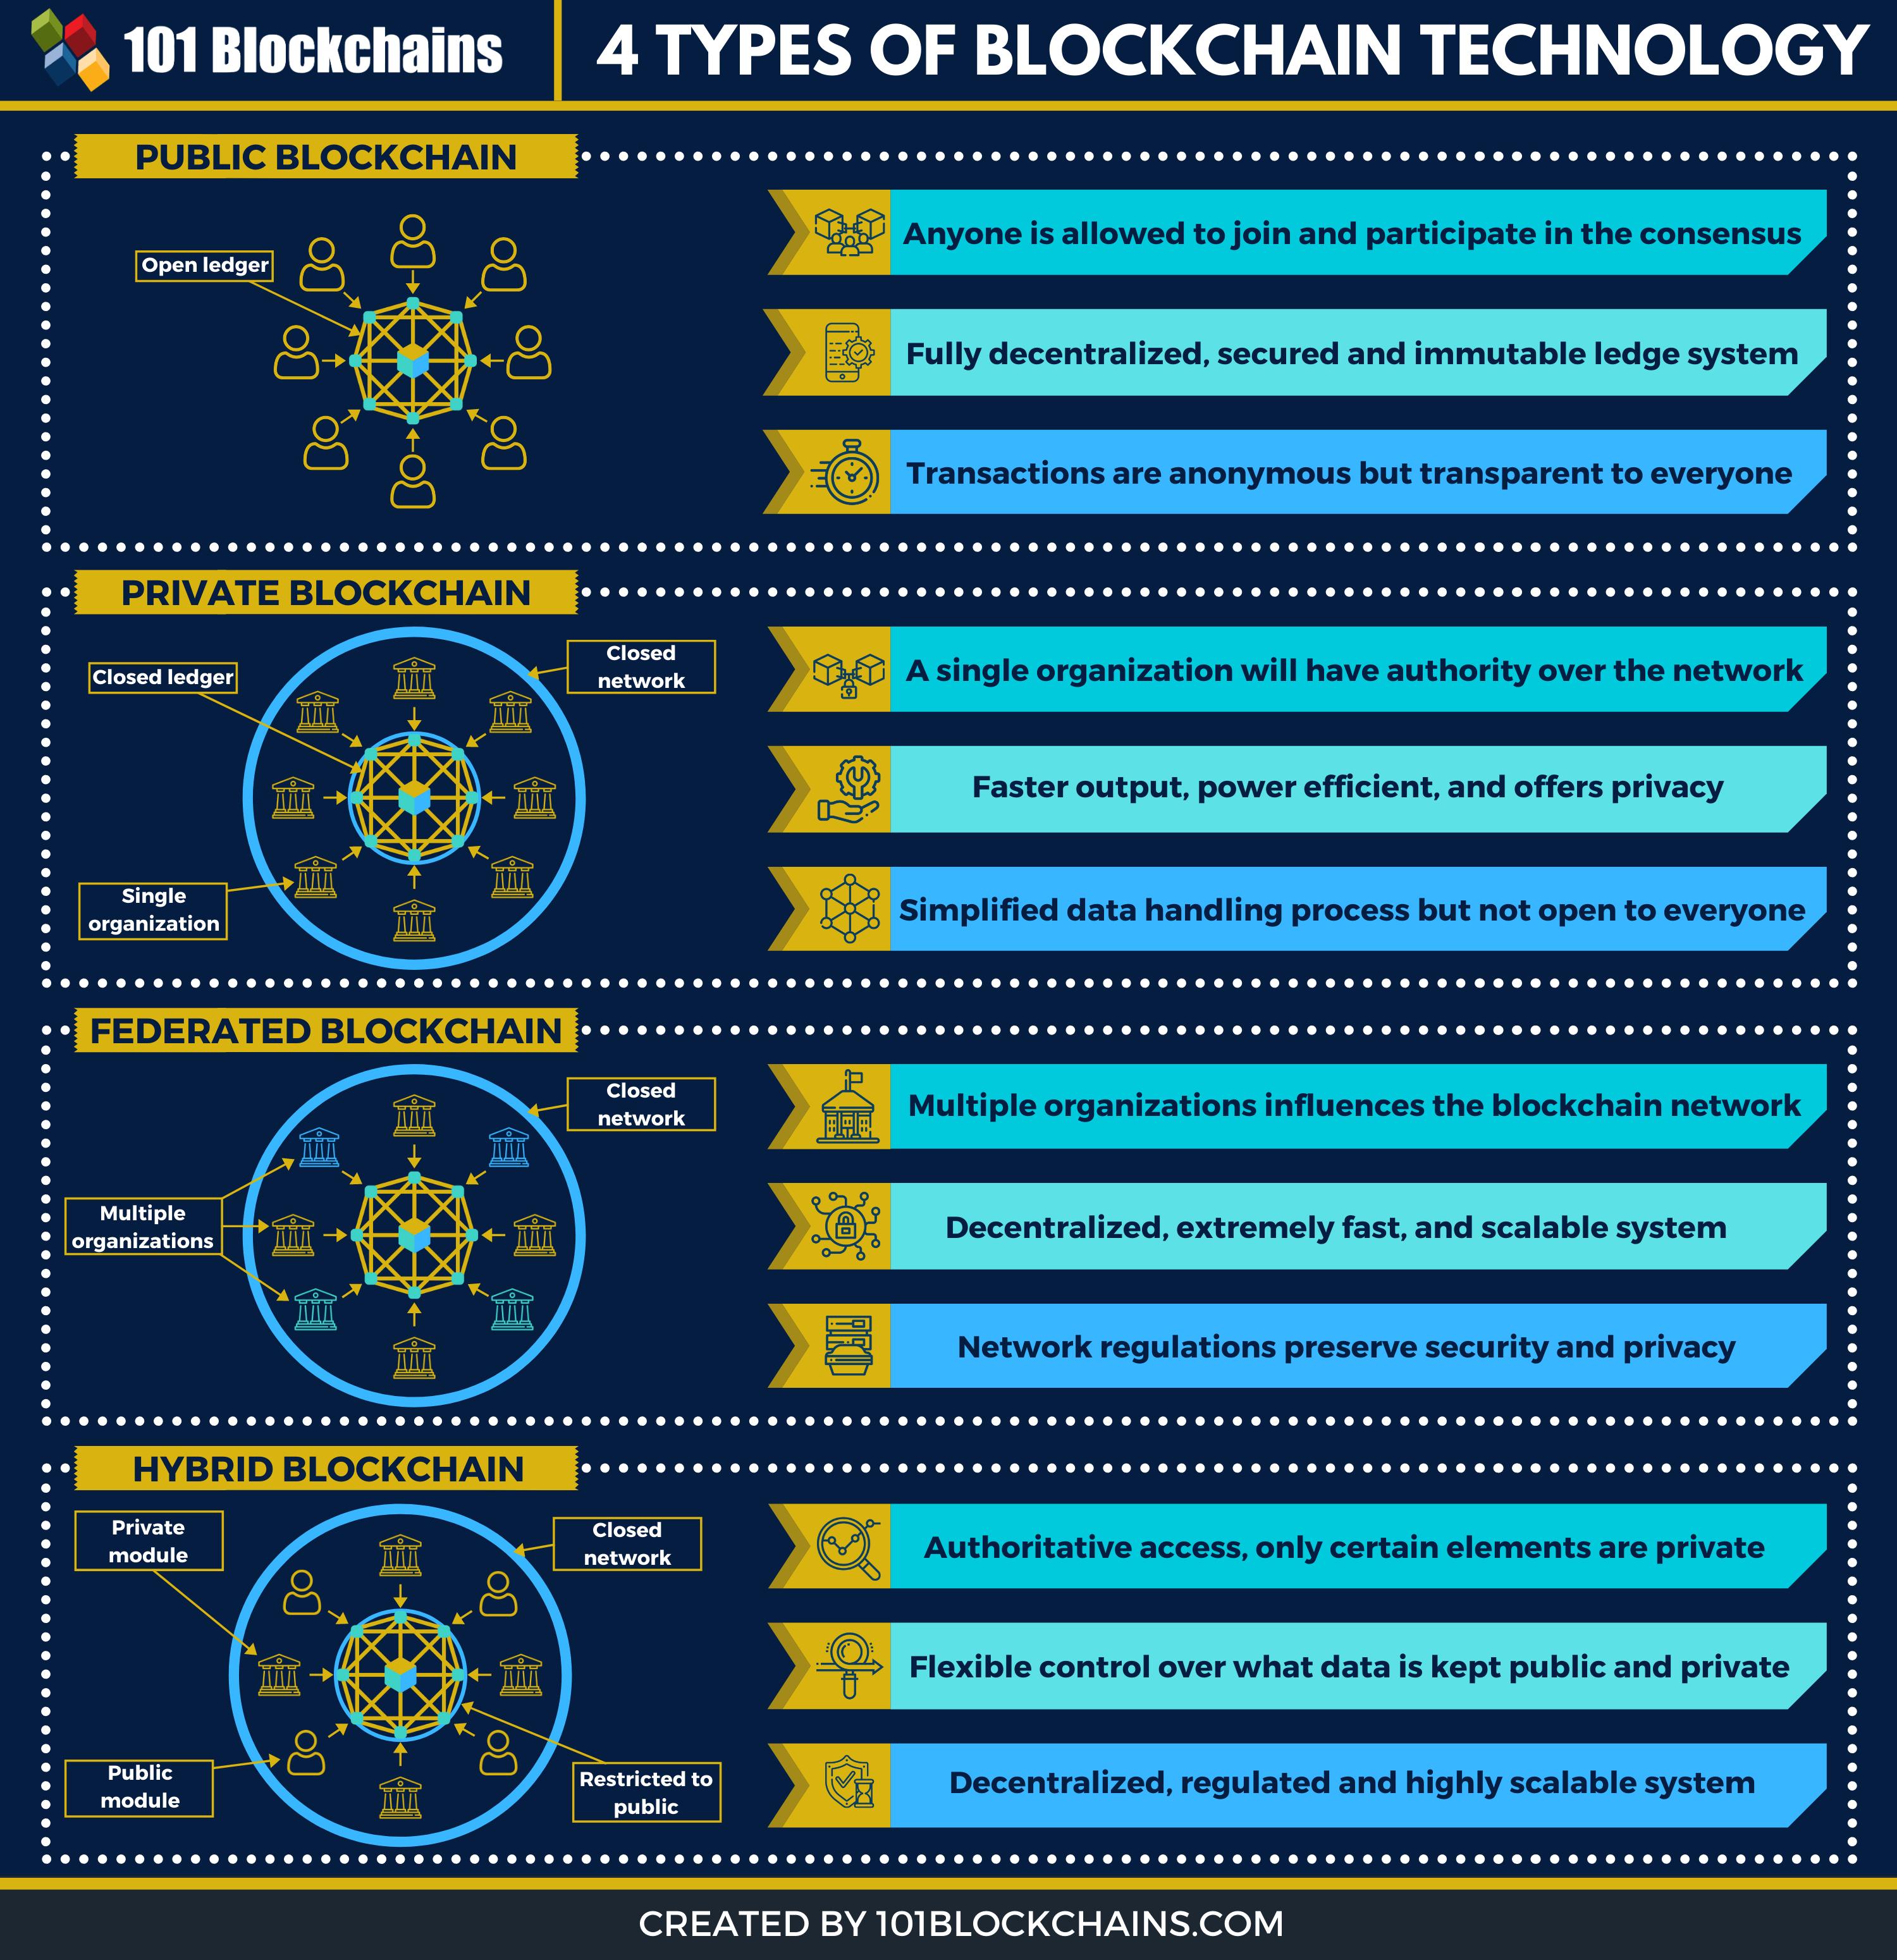 Types of Blockchain Technology